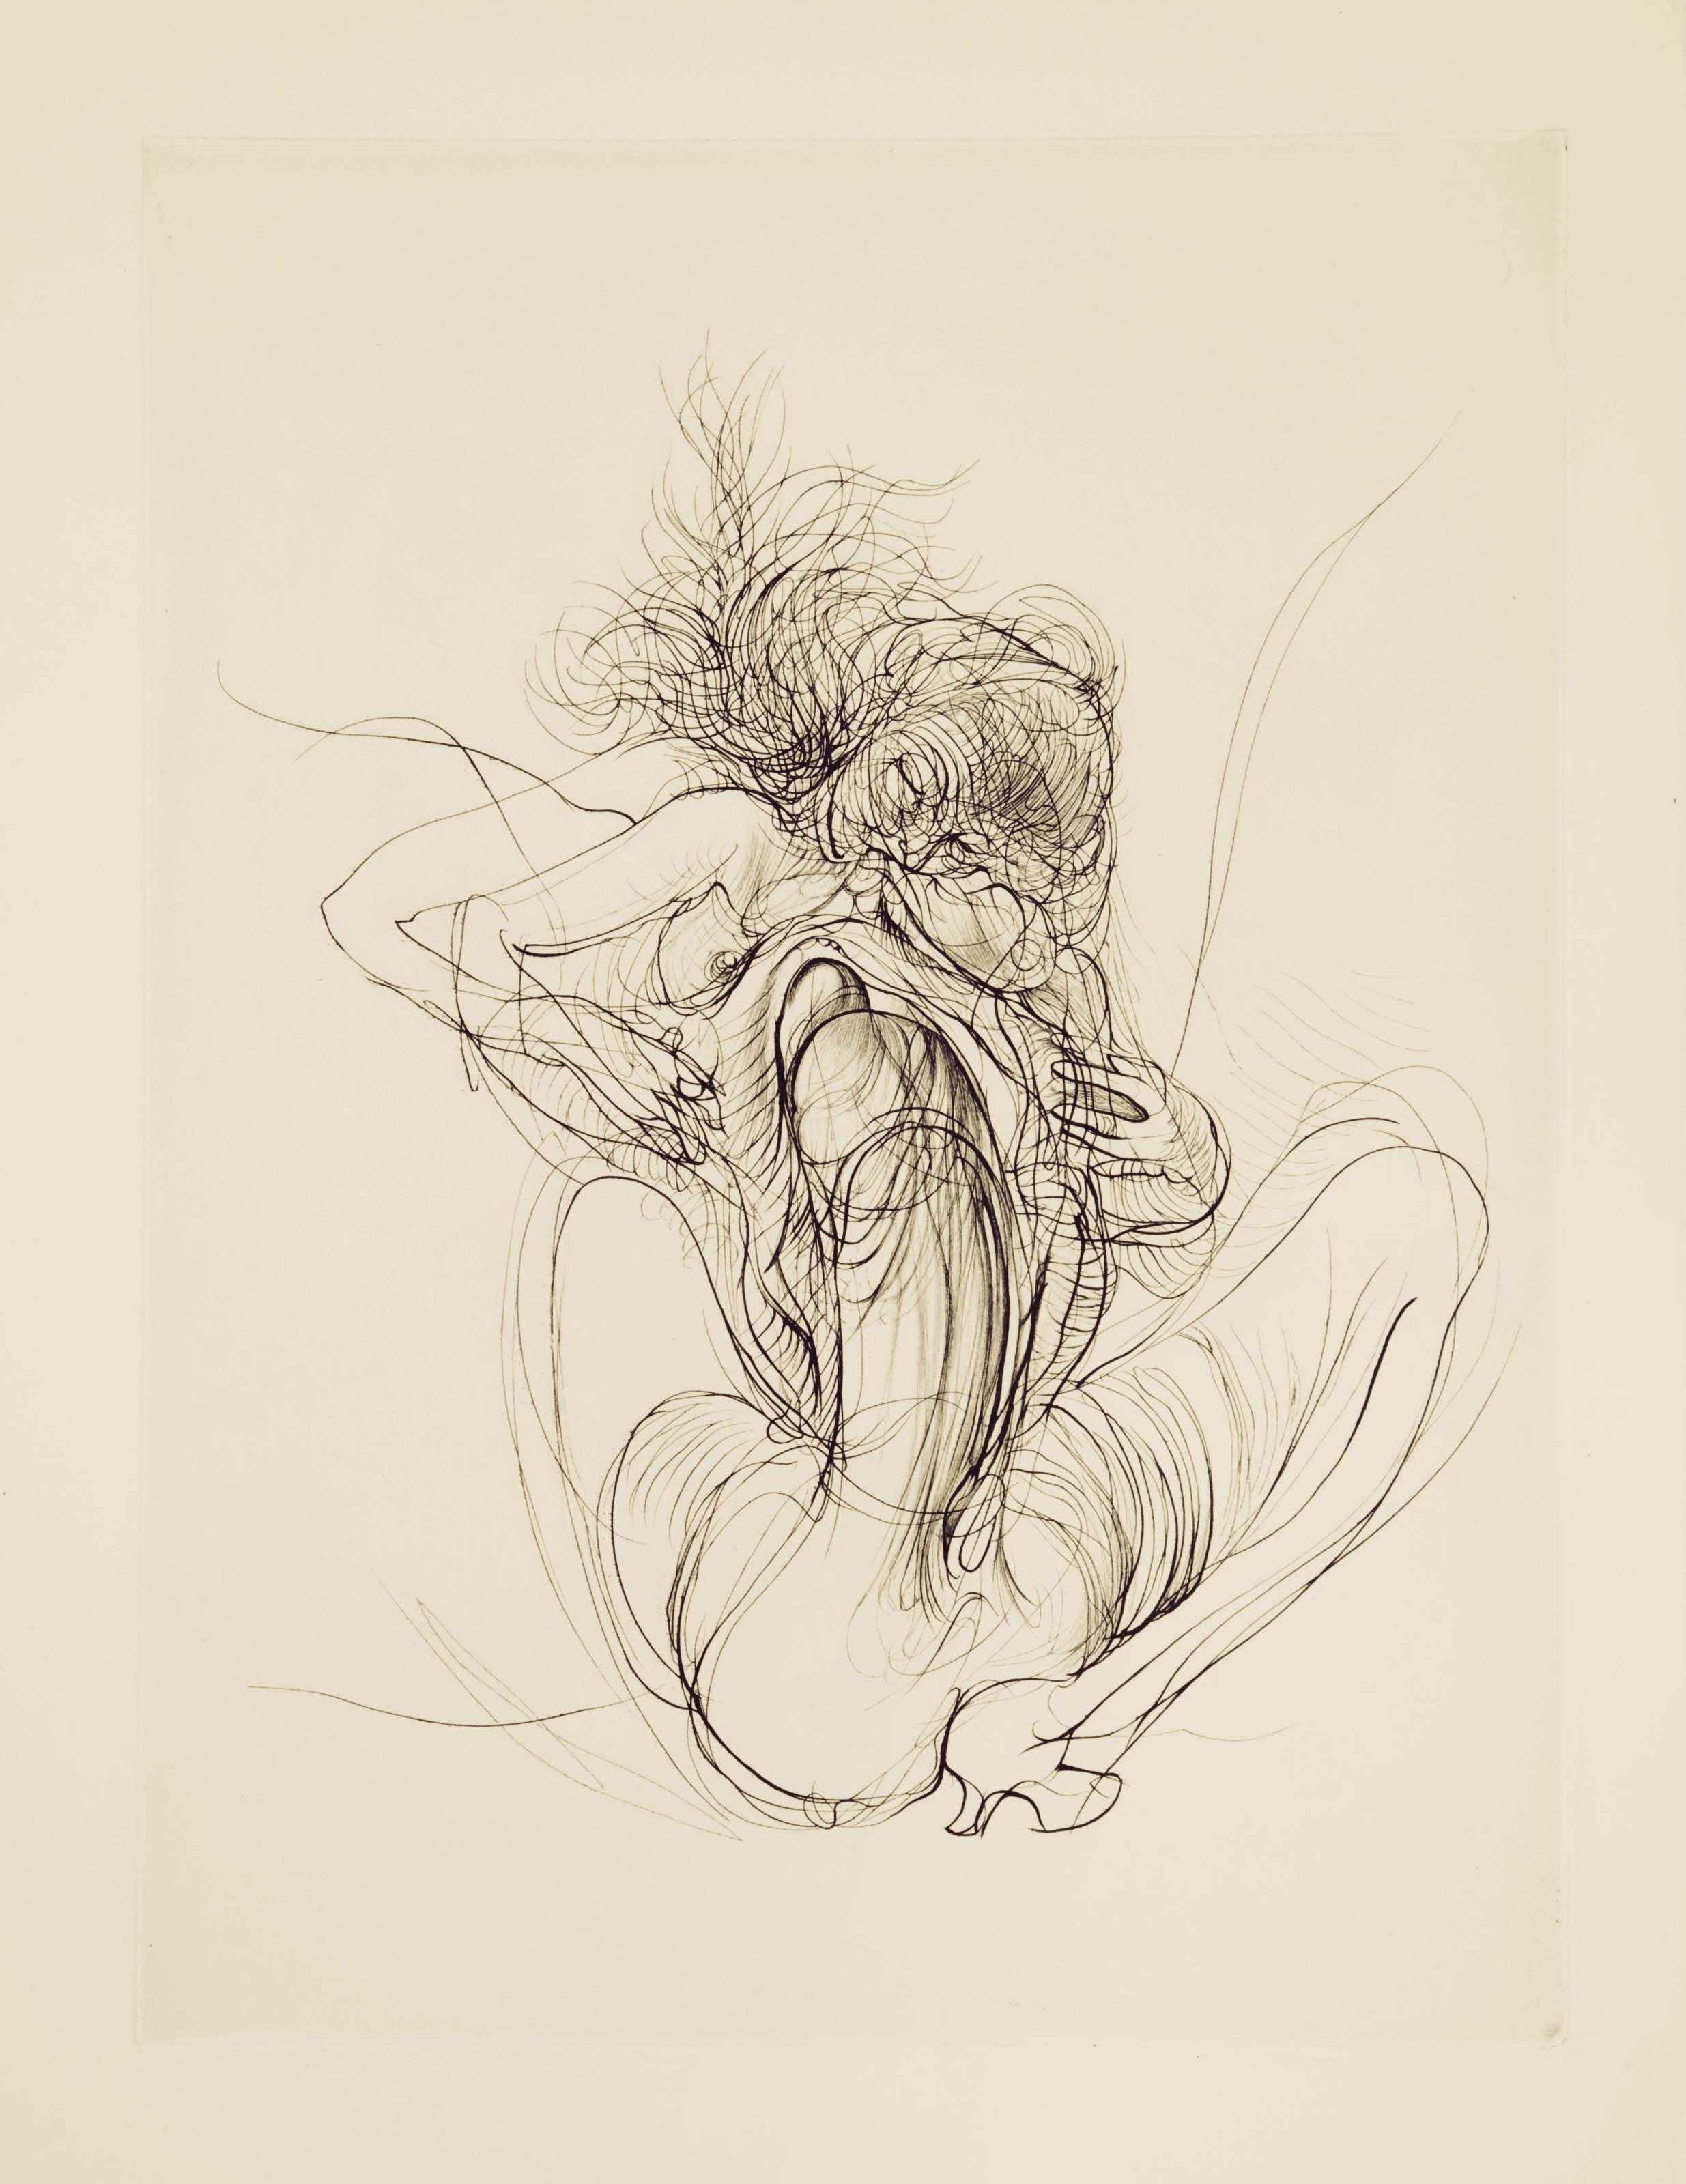 [BELLMER] -- LAUTRÉAMONT, comte de (pseud. de Isidore DUCASSE 1846-1870). Les Chants de Maldoror. Gravures originales de Hans Bellmer. Genève: Grafik Europa Anstalt, 1971.